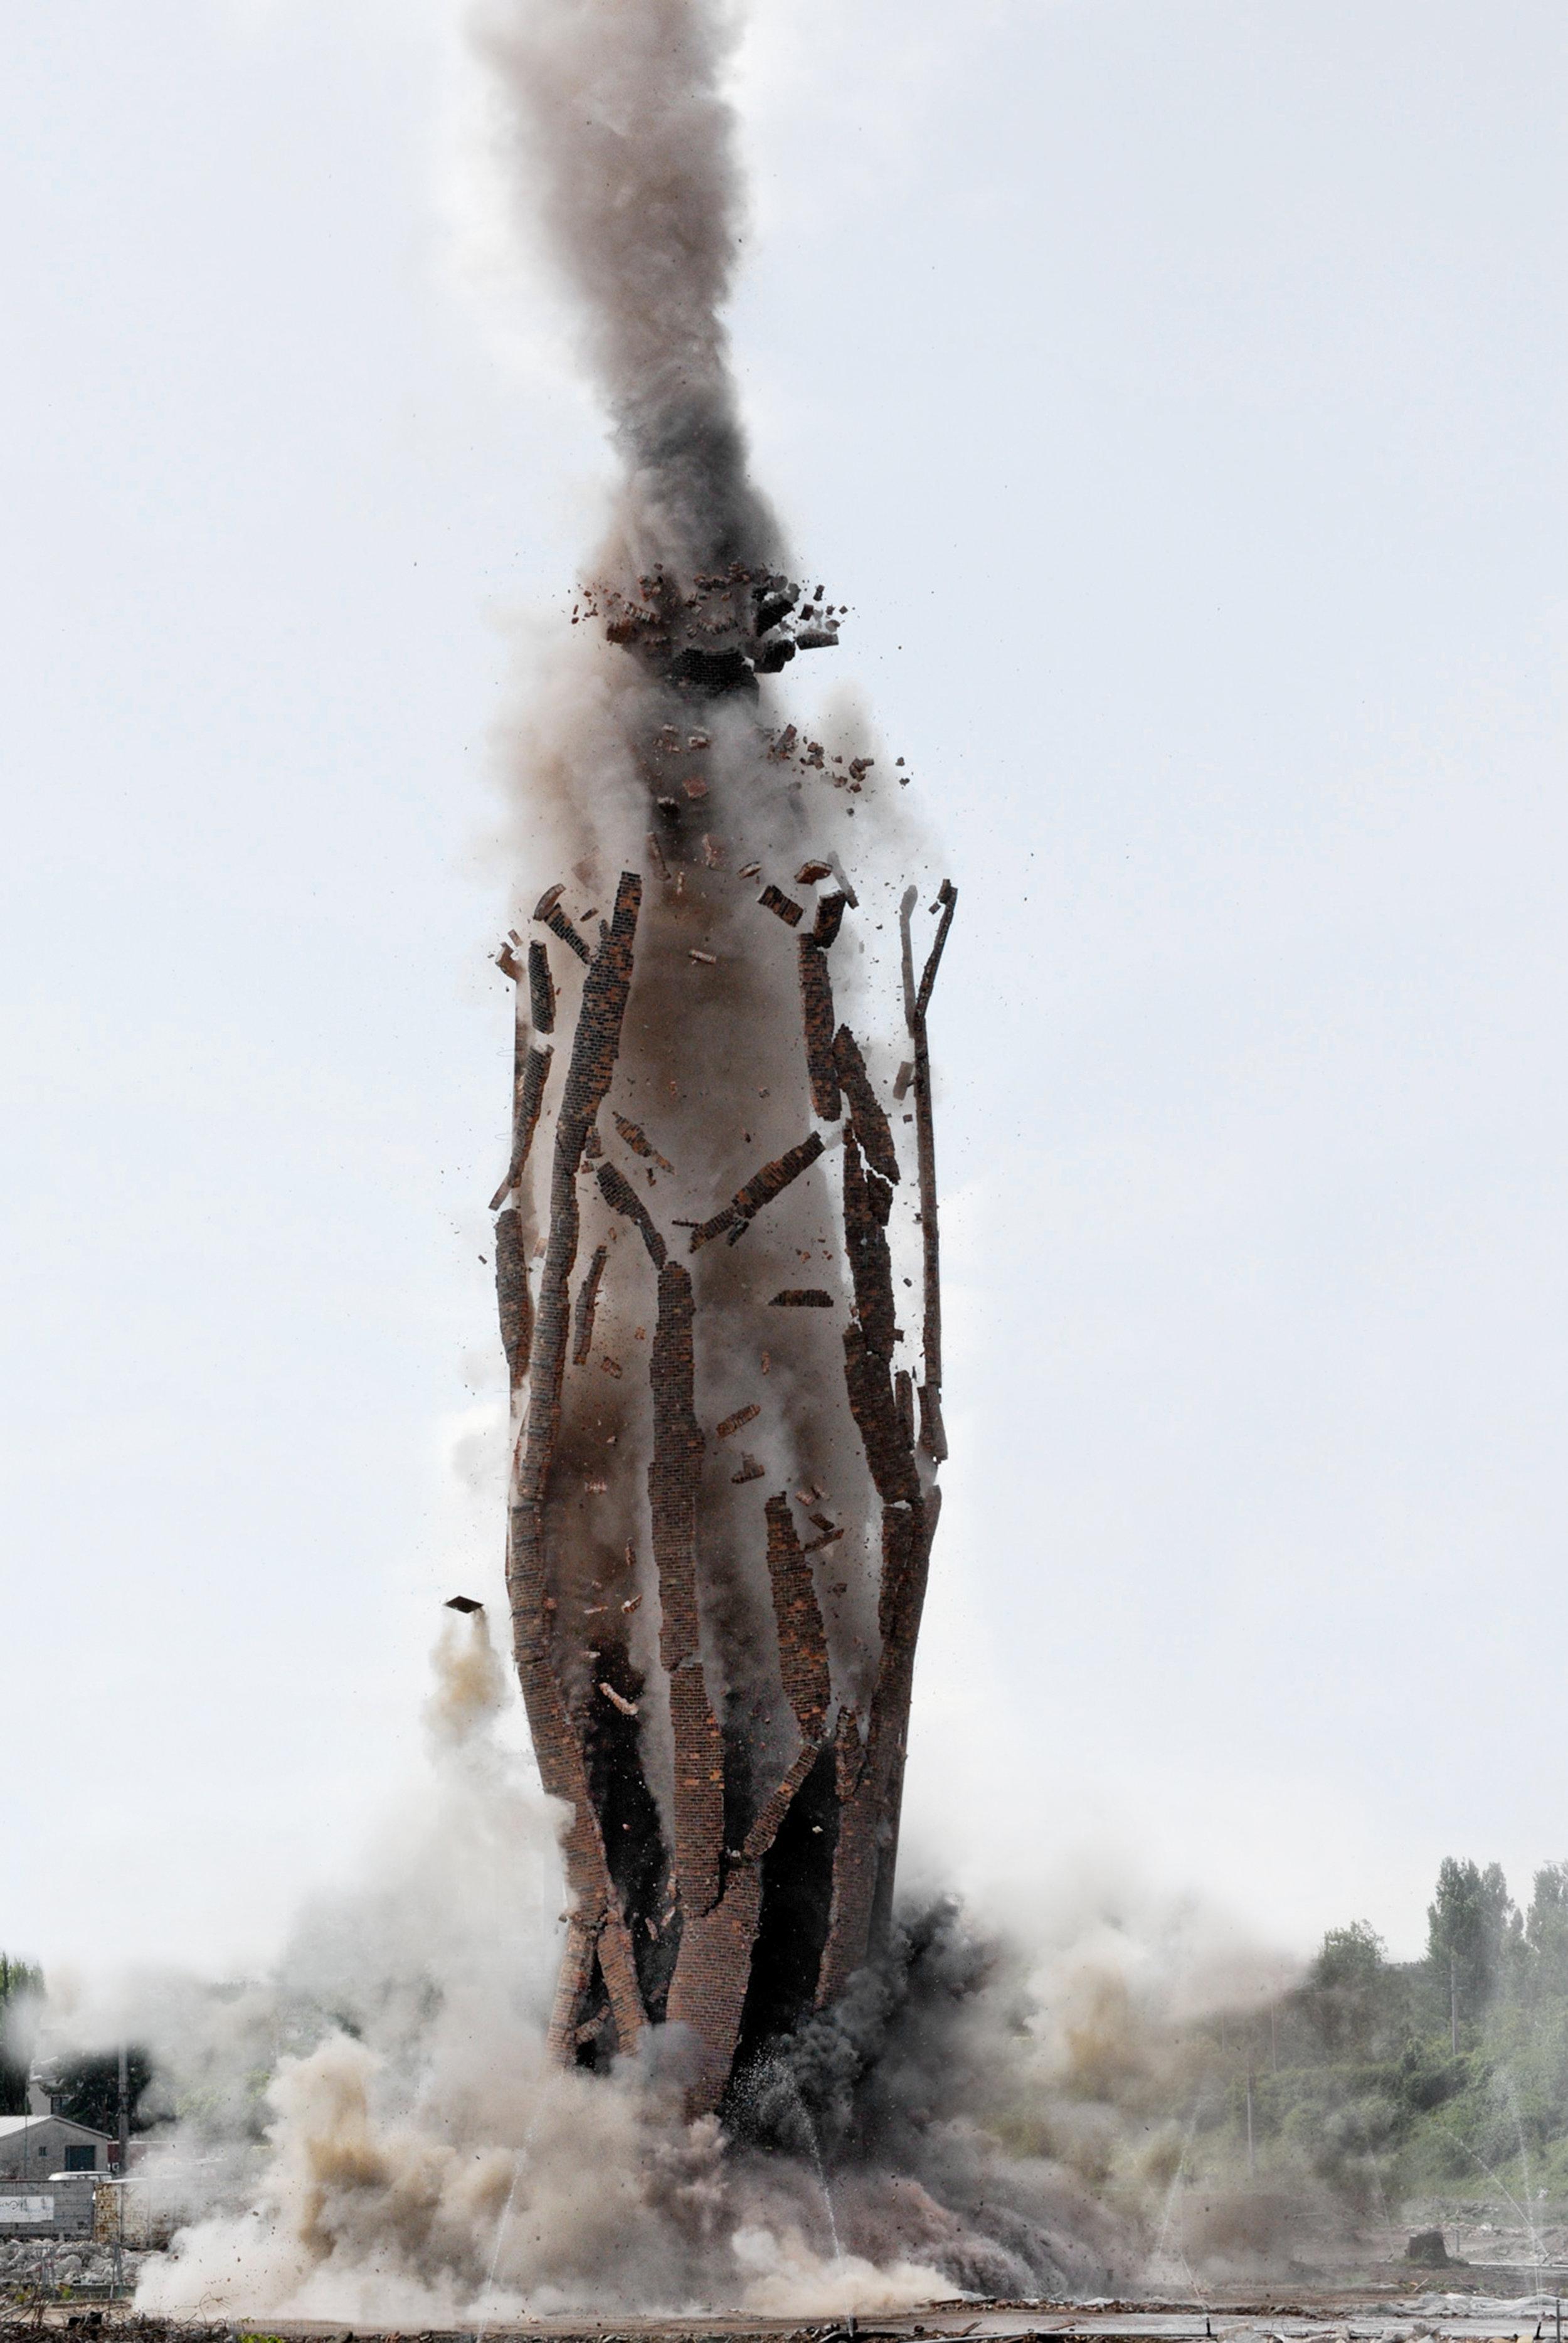 Anna Vogel, Ground Blast, 2016, pigment print, 60 x 40 cm